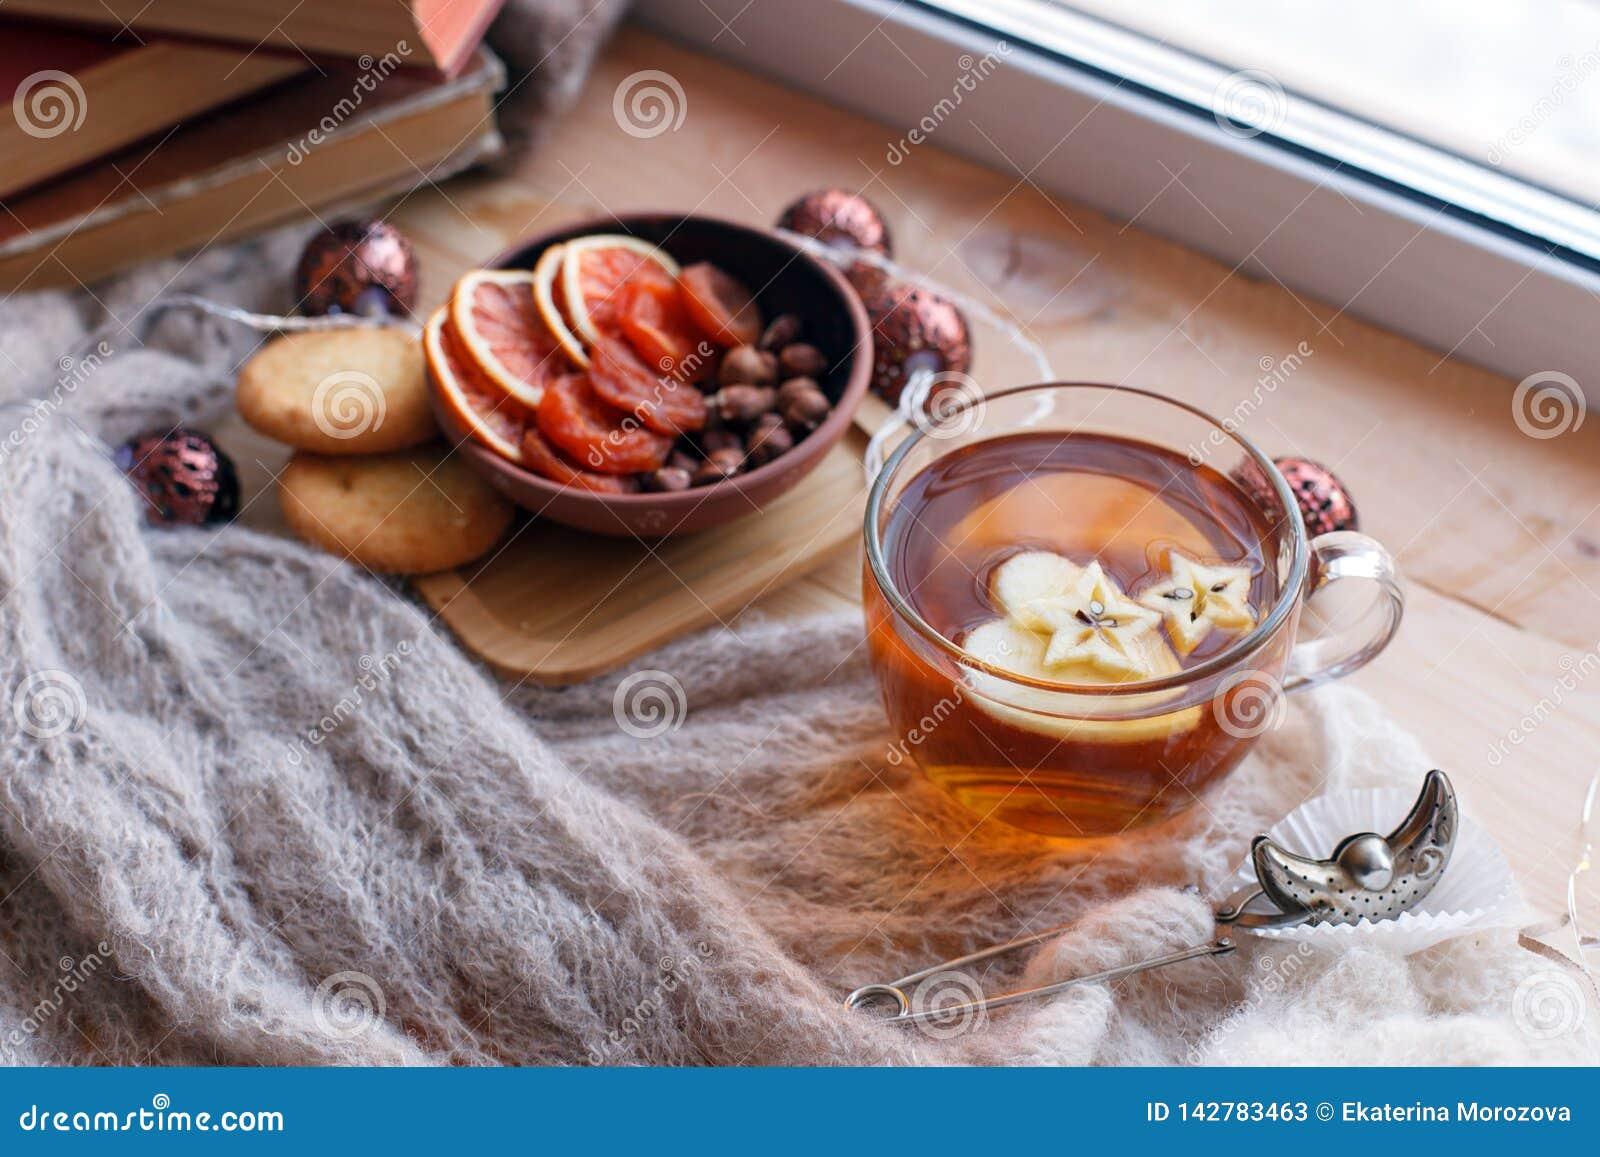 De kop thee, de snacks, het boek en de warme deken op vensterbank, sluiten omhoog, ontspannen afsluiten achtergrond, seizoengebon